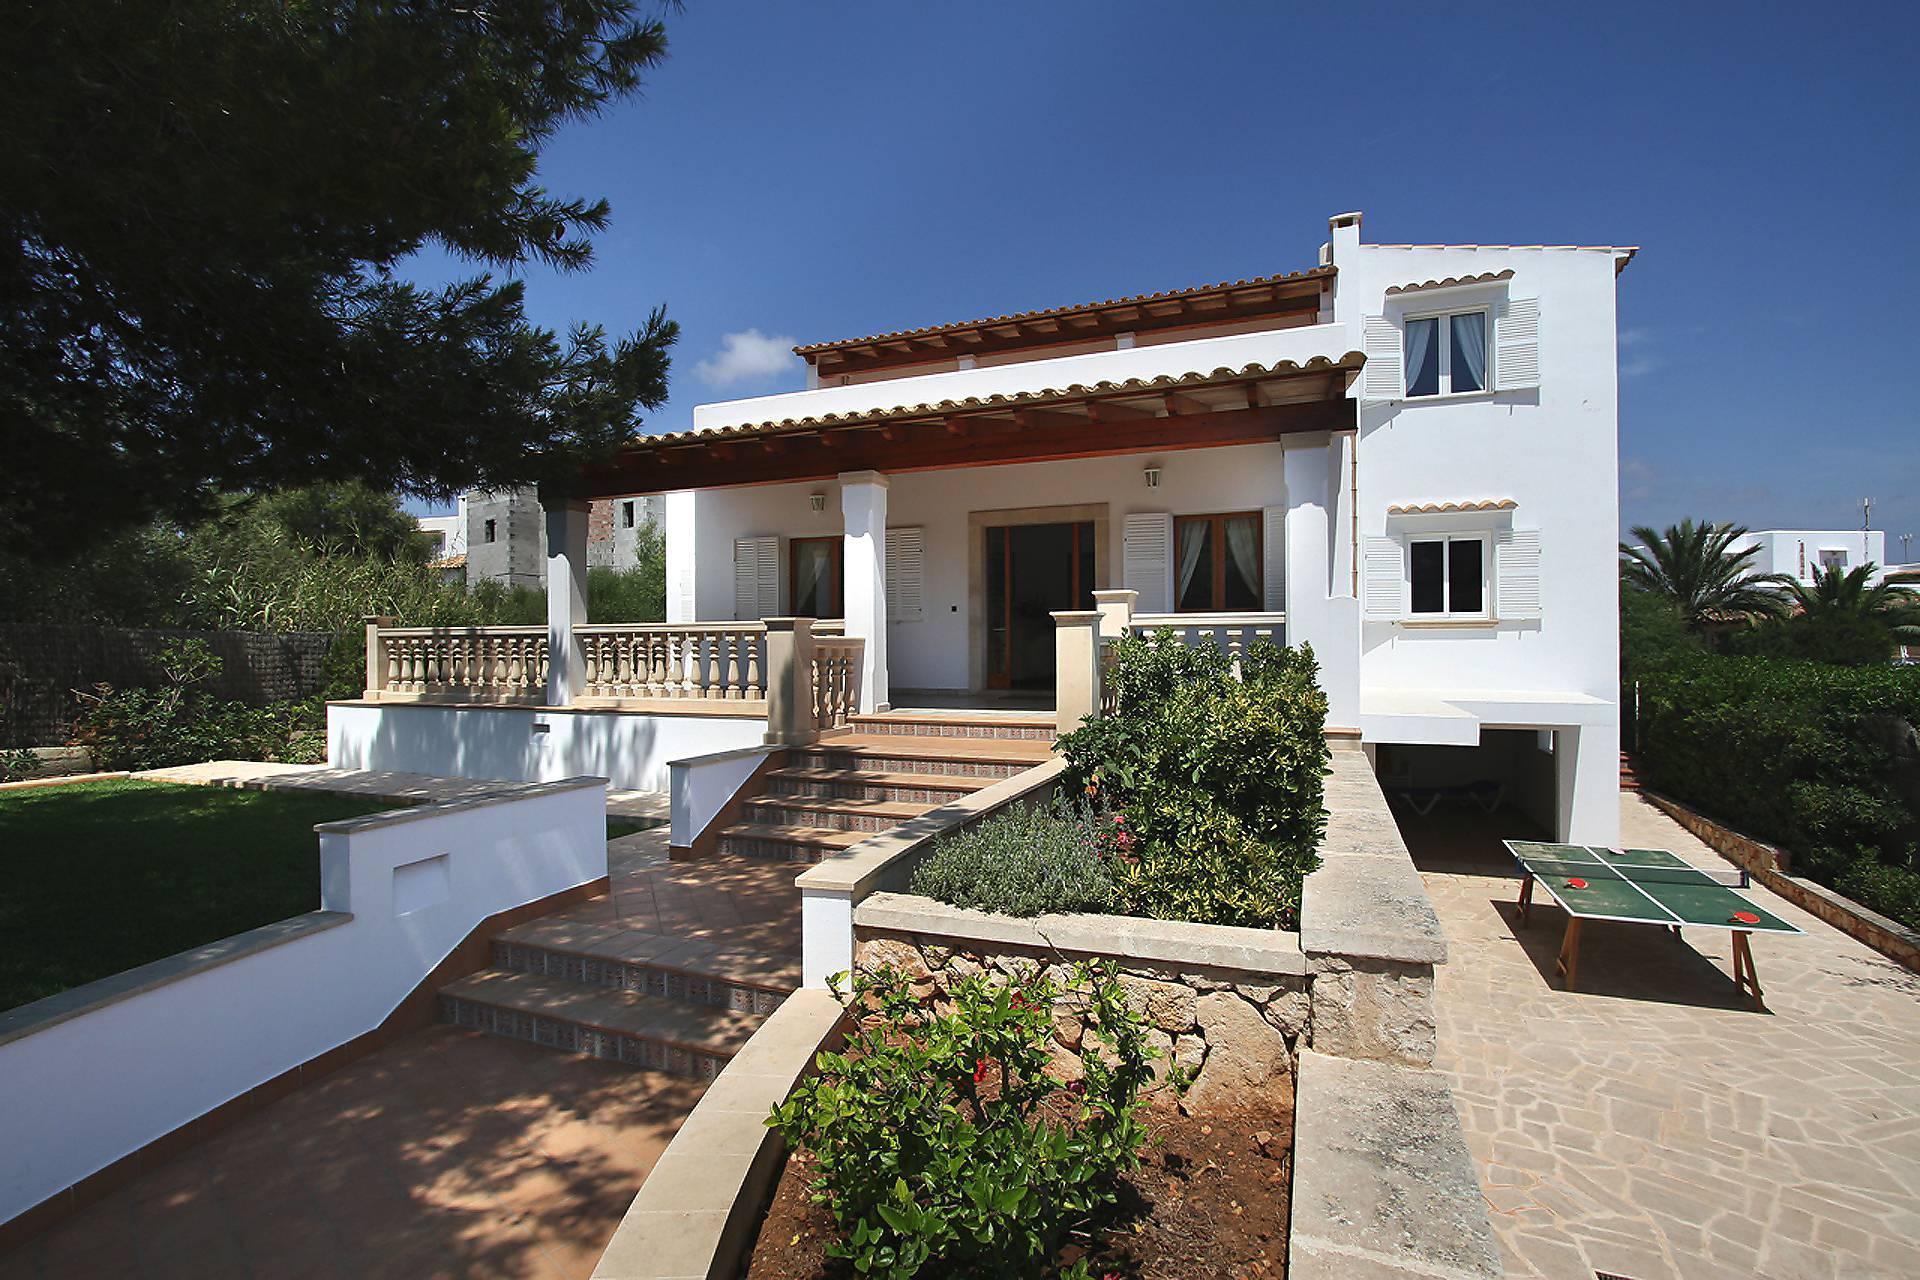 01-128 Rustikales Ferienhaus Mallorca Osten Bild 1